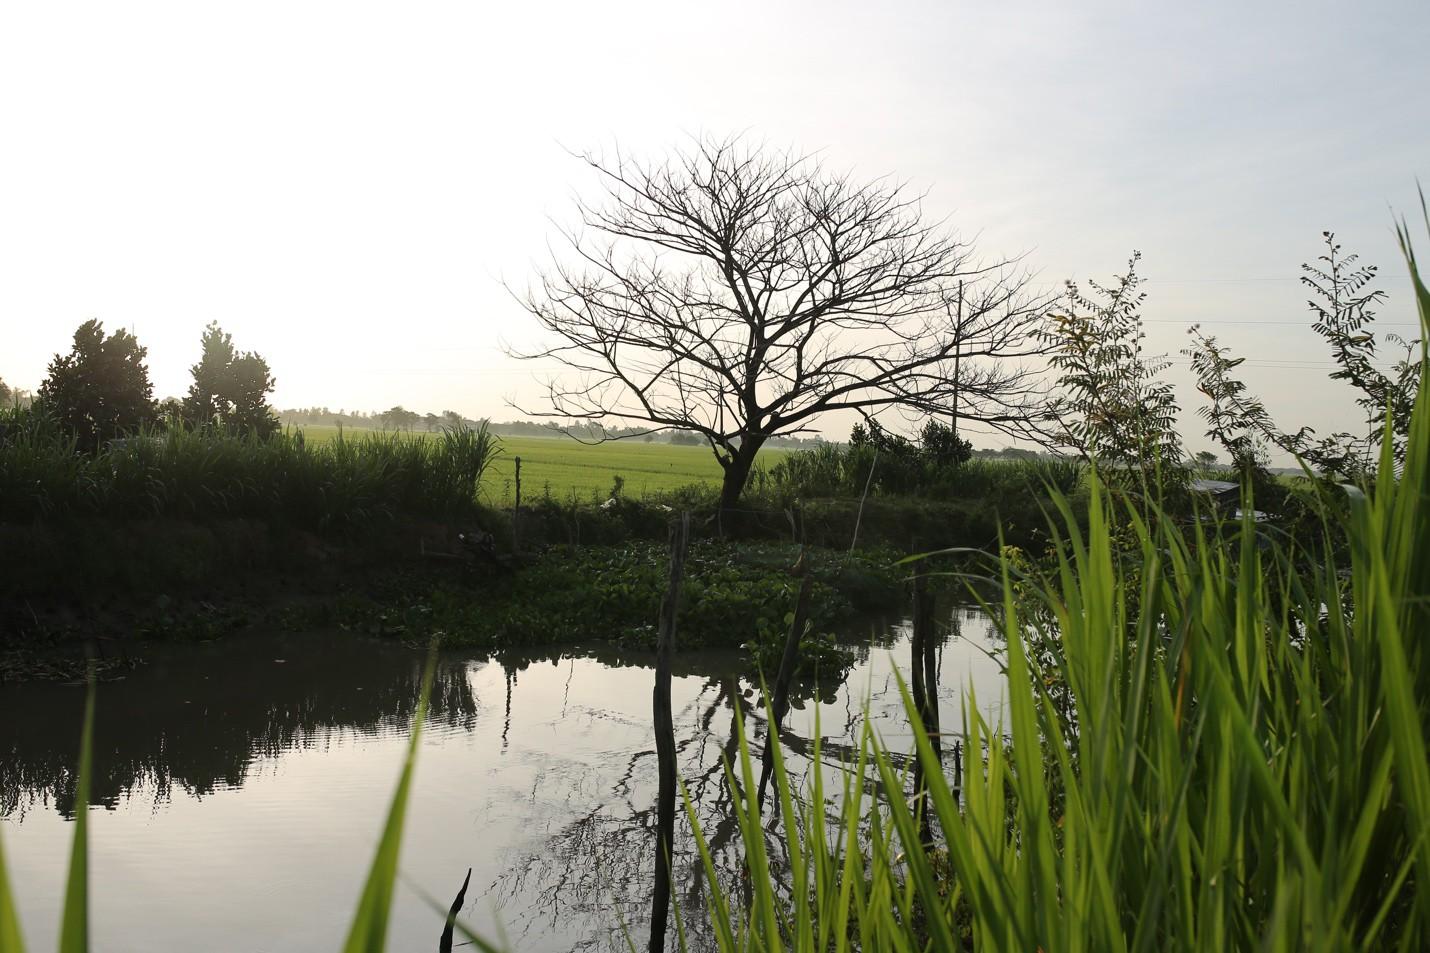 Thất Sơn Tâm Linh ghi dấu ấn với cảnh đẹp yên bình miền Thất Sơn - Ảnh 6.